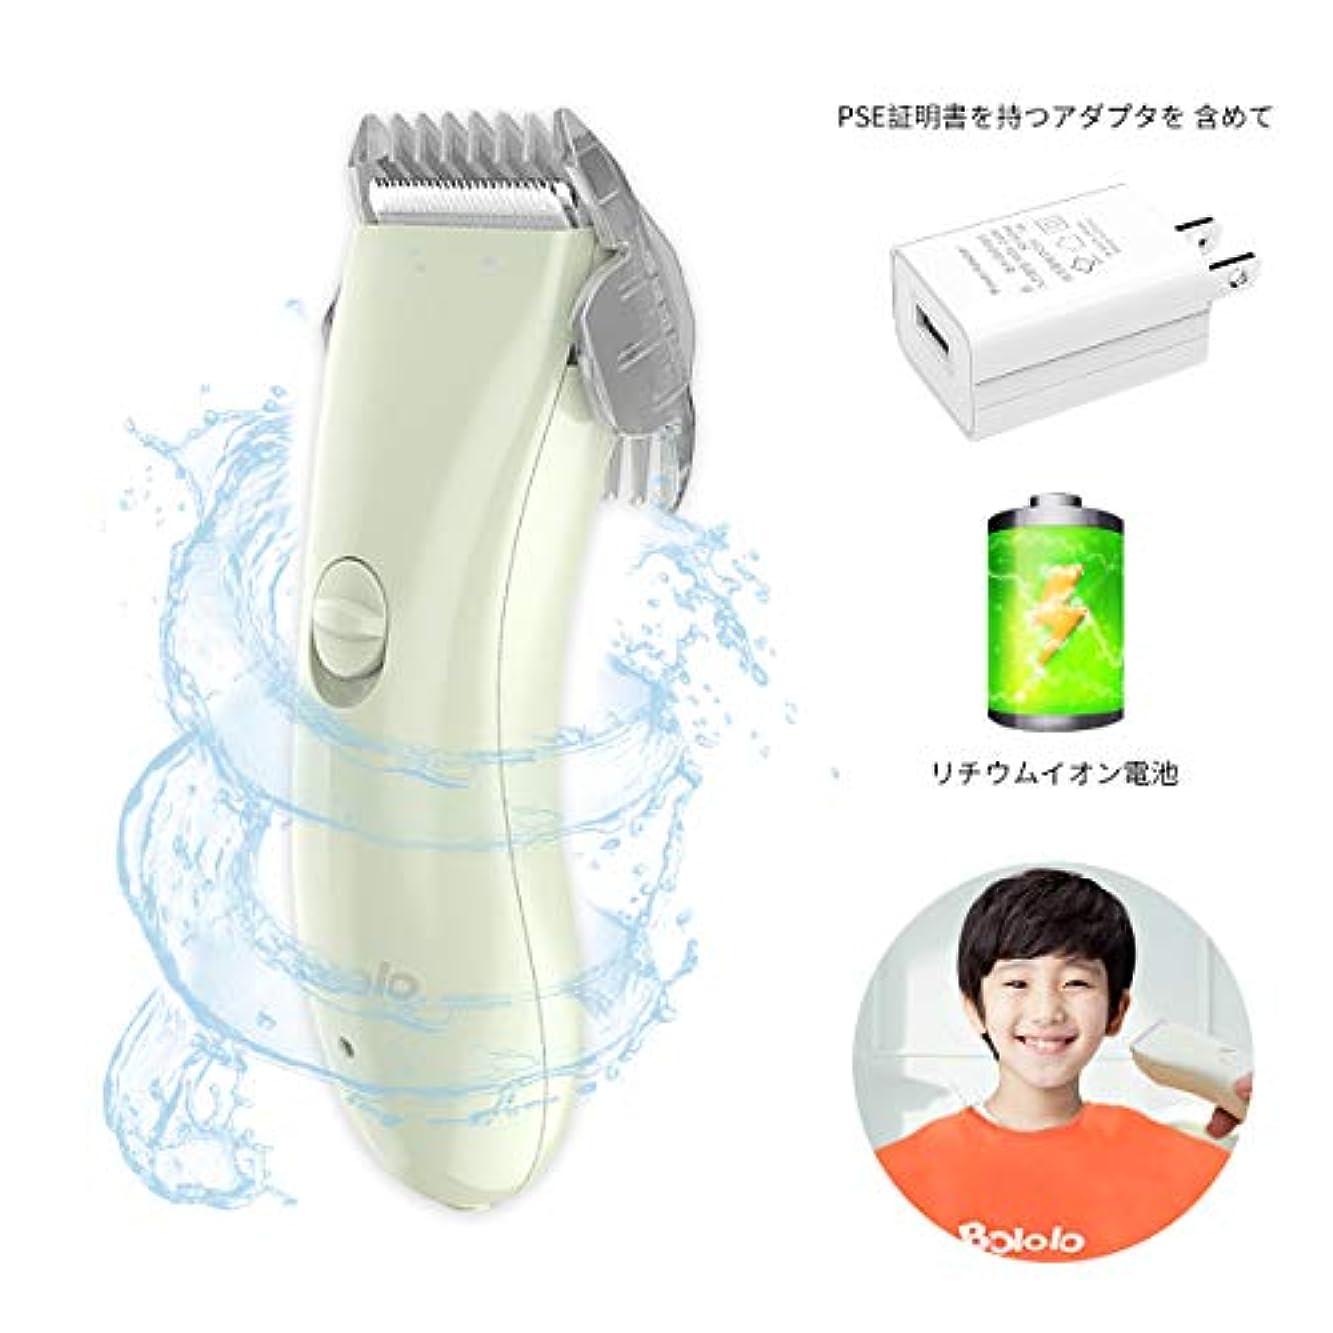 概してよろしく上昇BOLOLO 子供バリカン こども用 散髪 防水 充電·交流式 緑 BL-2400 PSE証明書を持つアダプタを 含めて (緑白) …